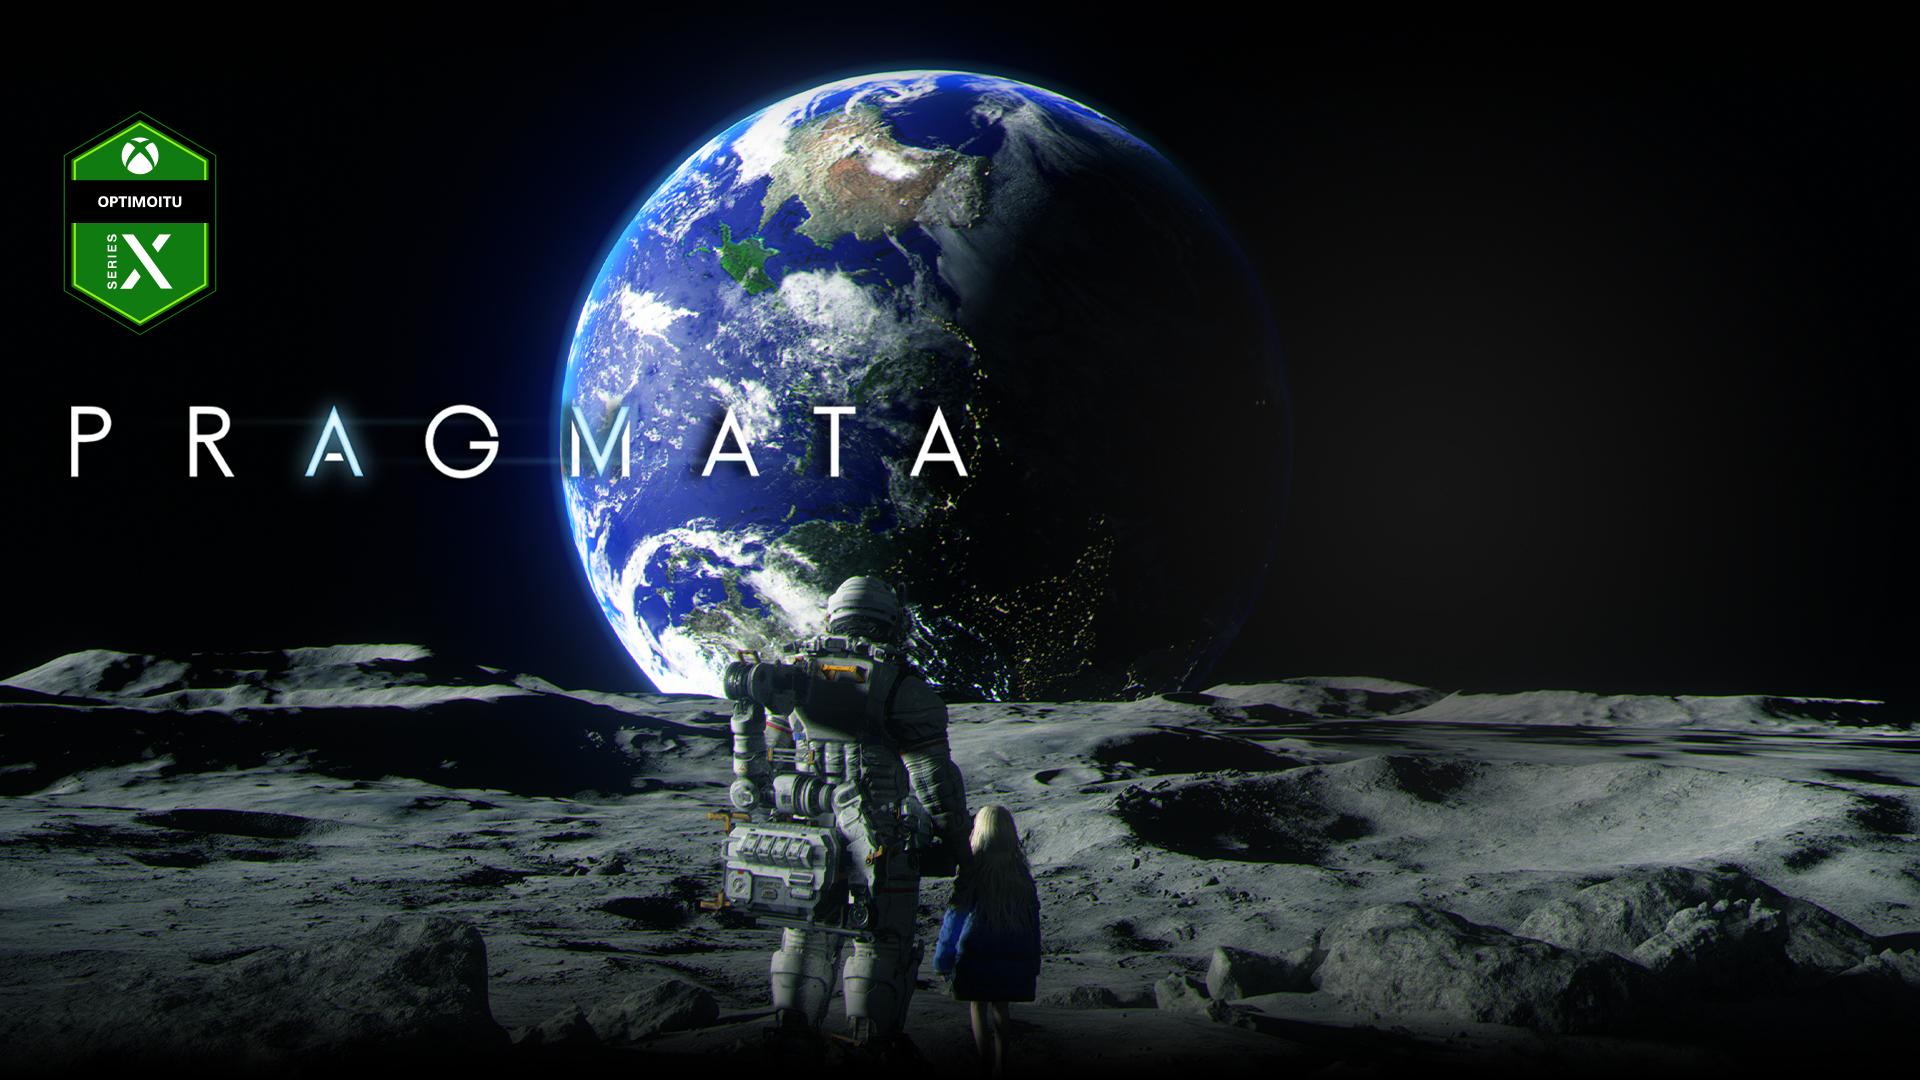 Optimoitu Xbox Series X -logo, Pragmata, astronautti ja nuori tyttö katselevat yhdessä Maata Kuussa seisoen